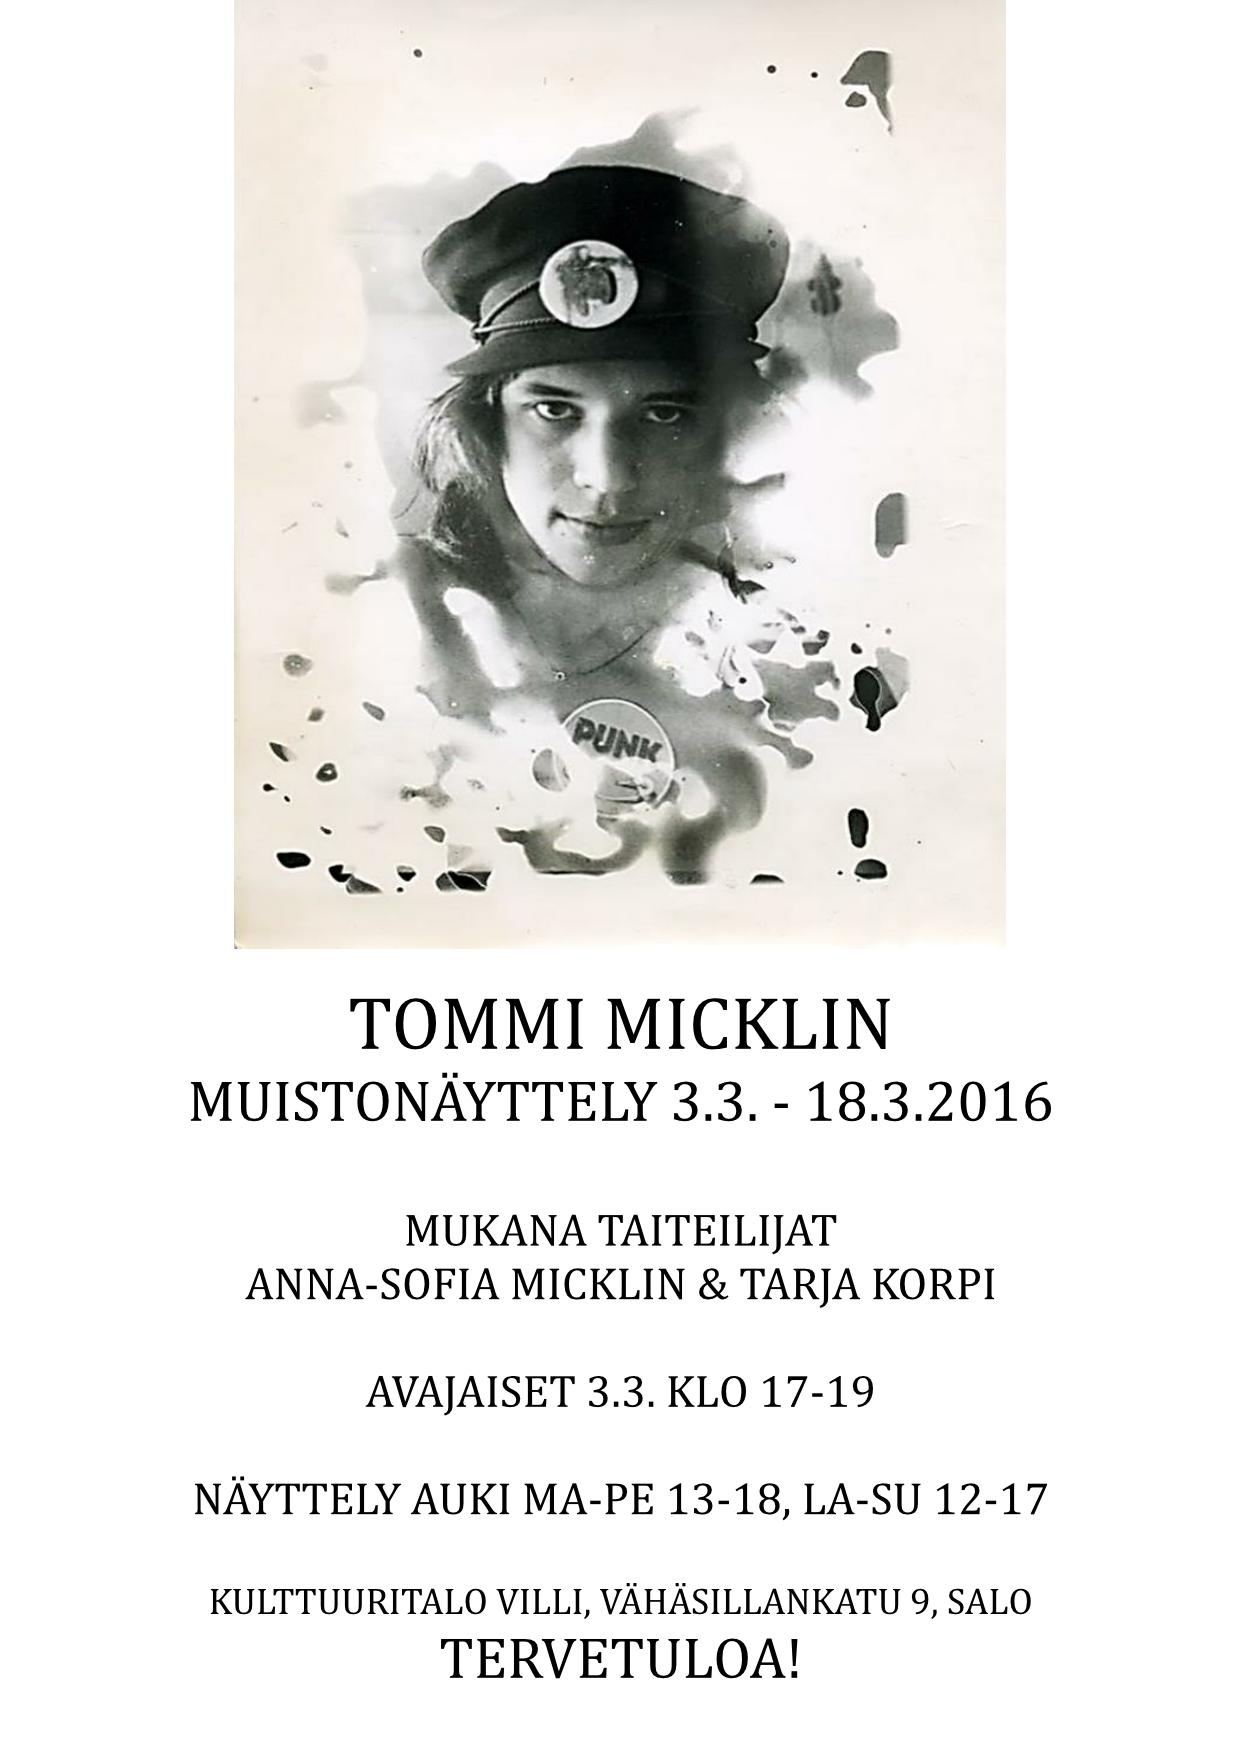 Tommi Micklin muistonäyttely mainos-1